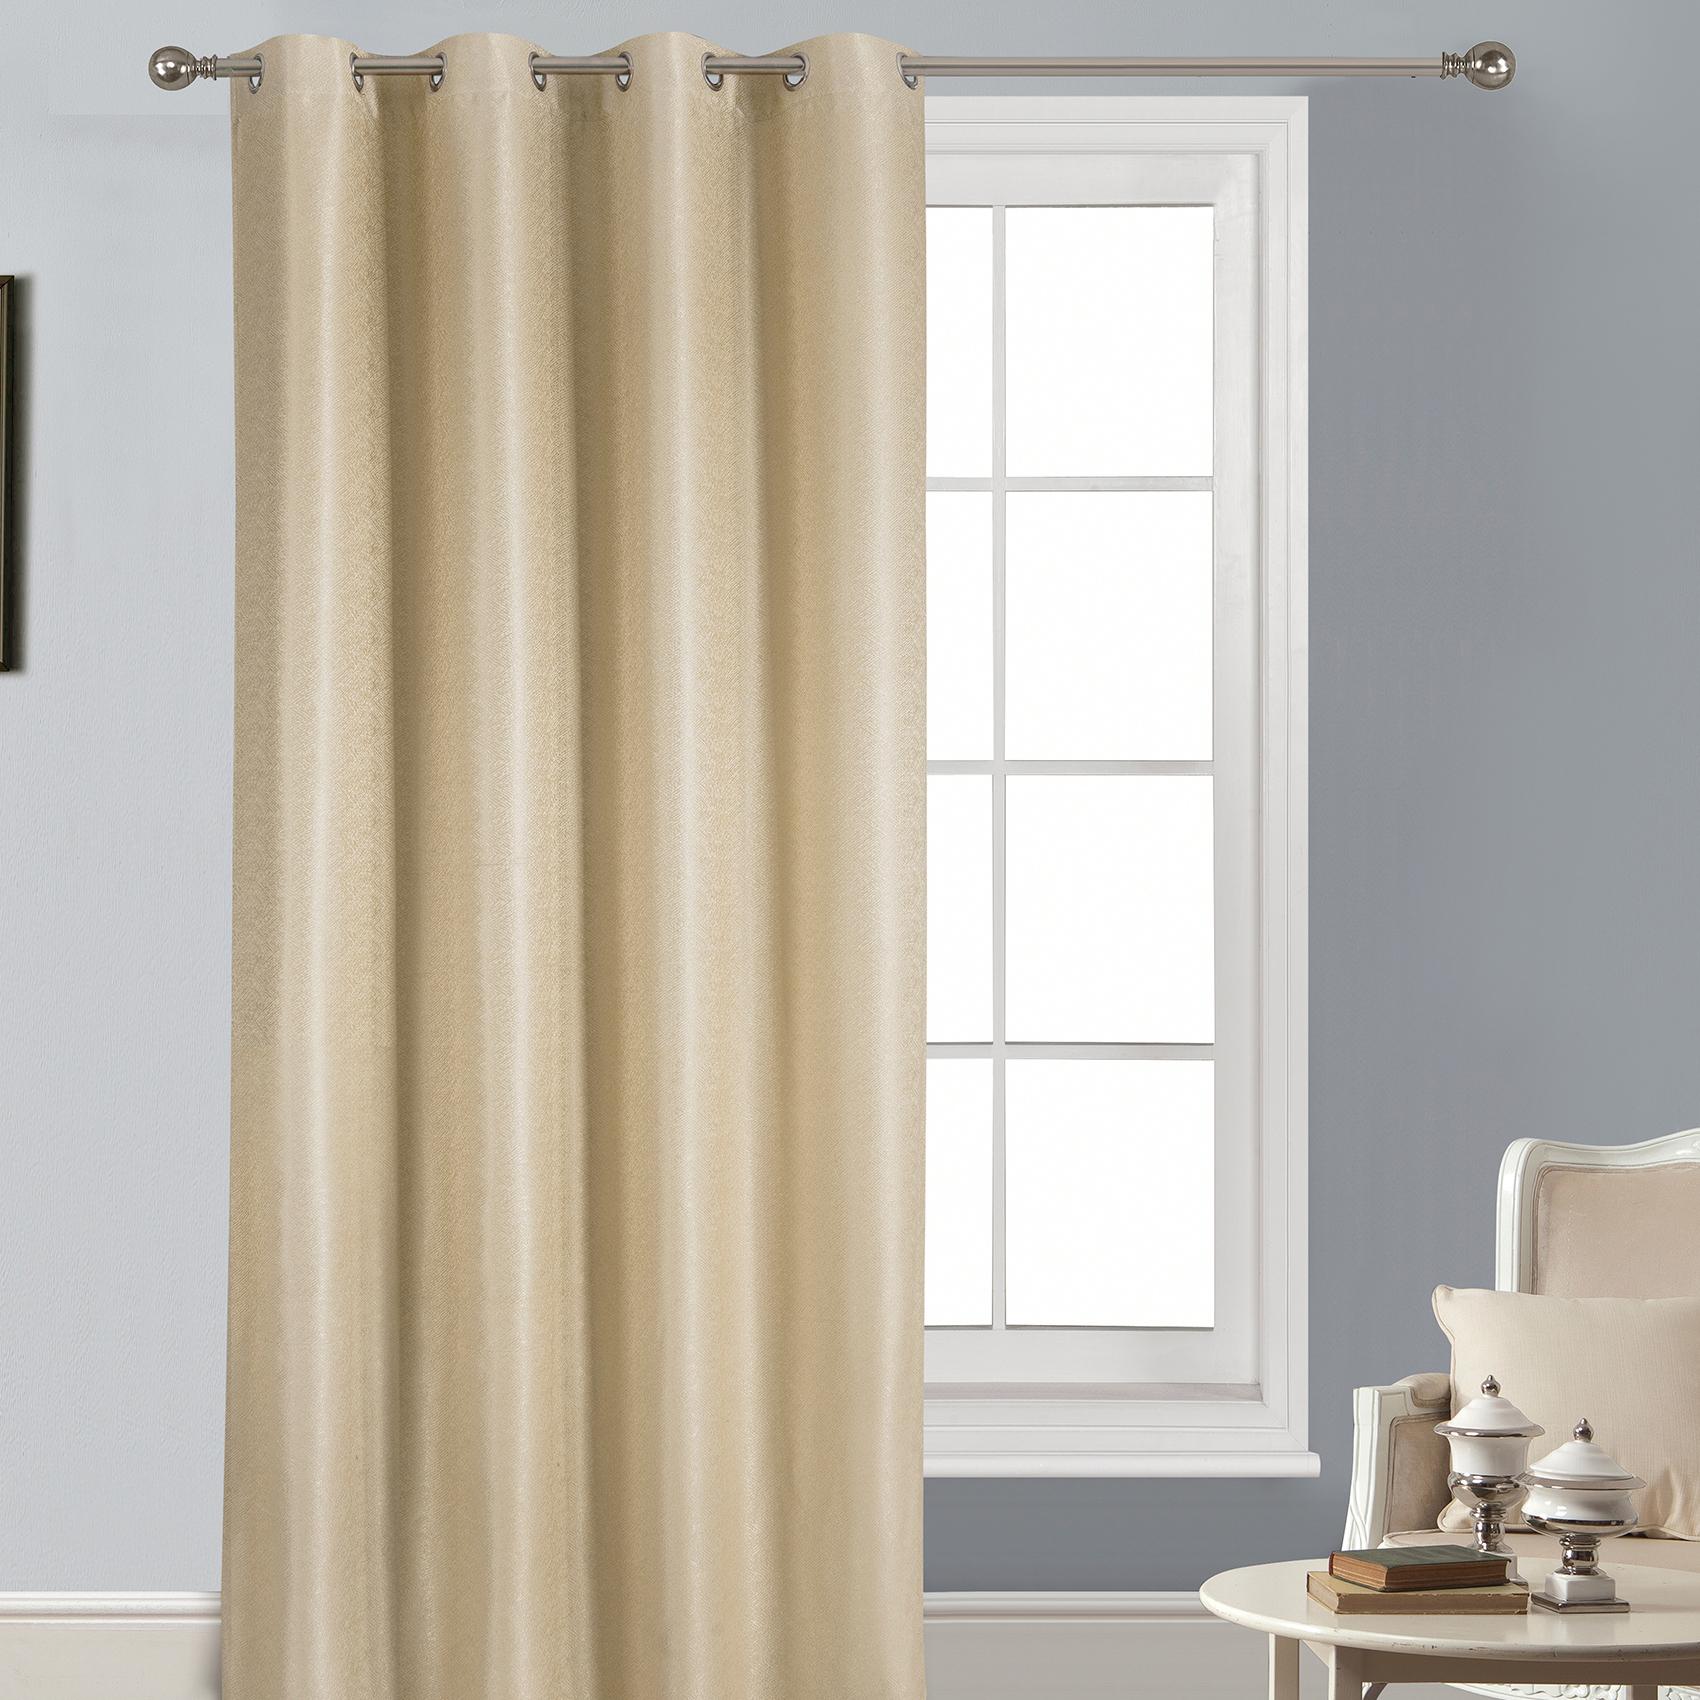 Rideau uni tissé avec motifs en relief polyester beige 260x140